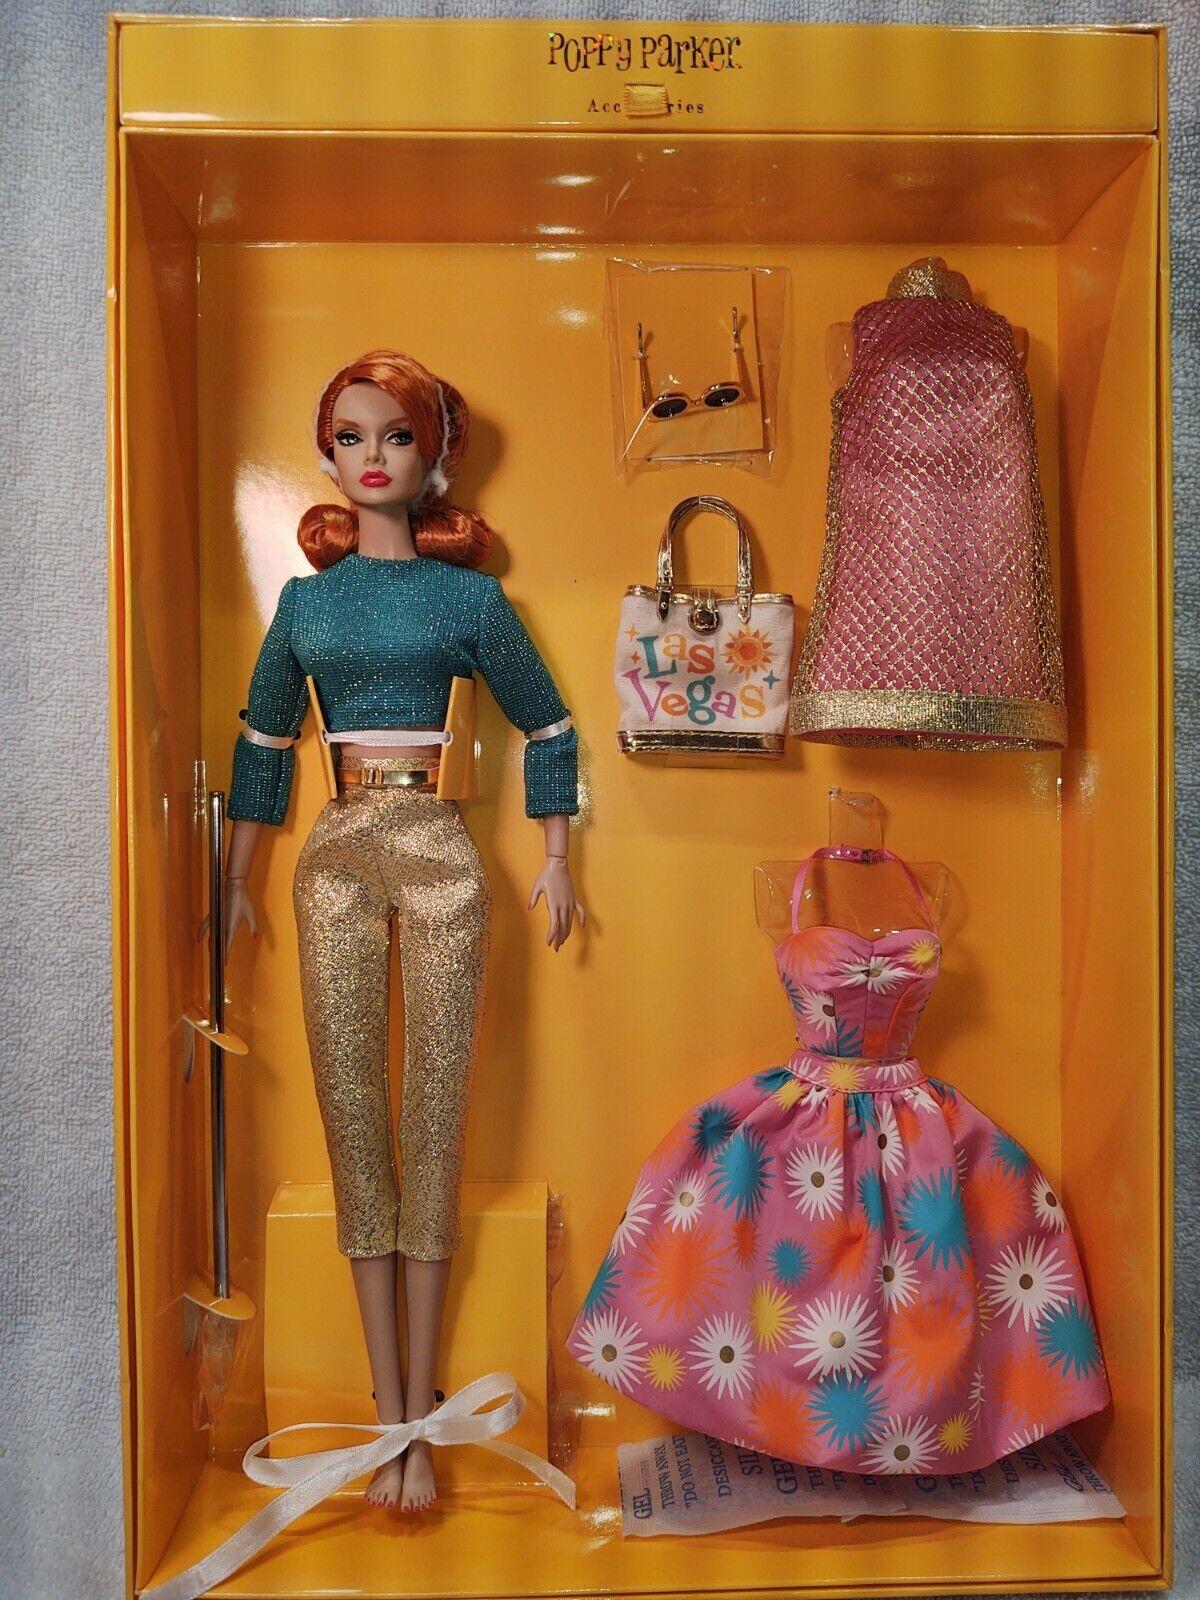 Integrity Toys Fashion Royalty Viva Poppy! Poppy Parker Gift Set IFDC .NRFB